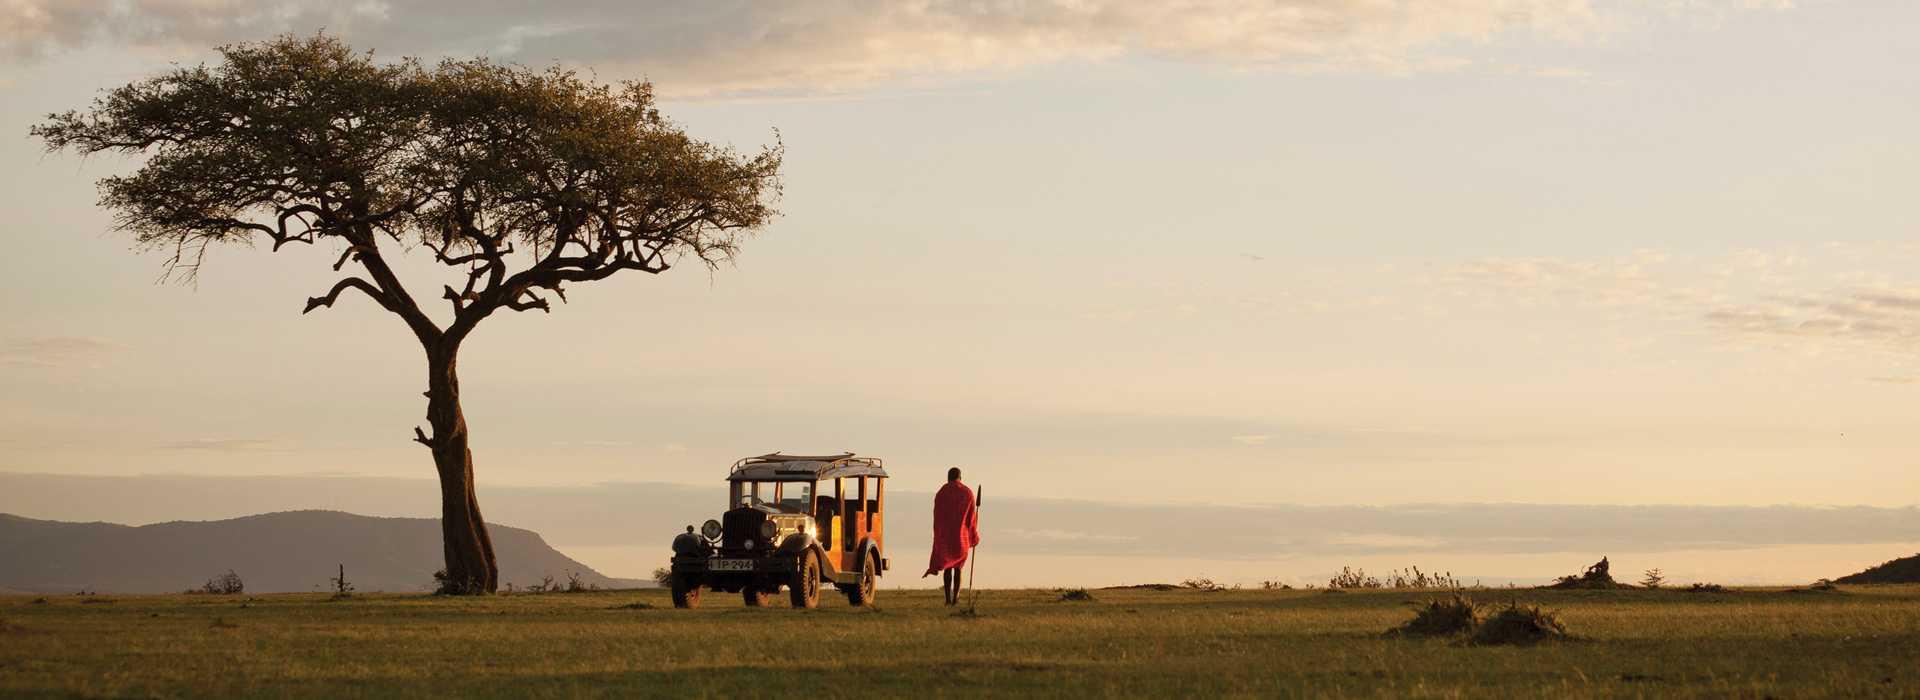 Resultado de imagen de masai mara